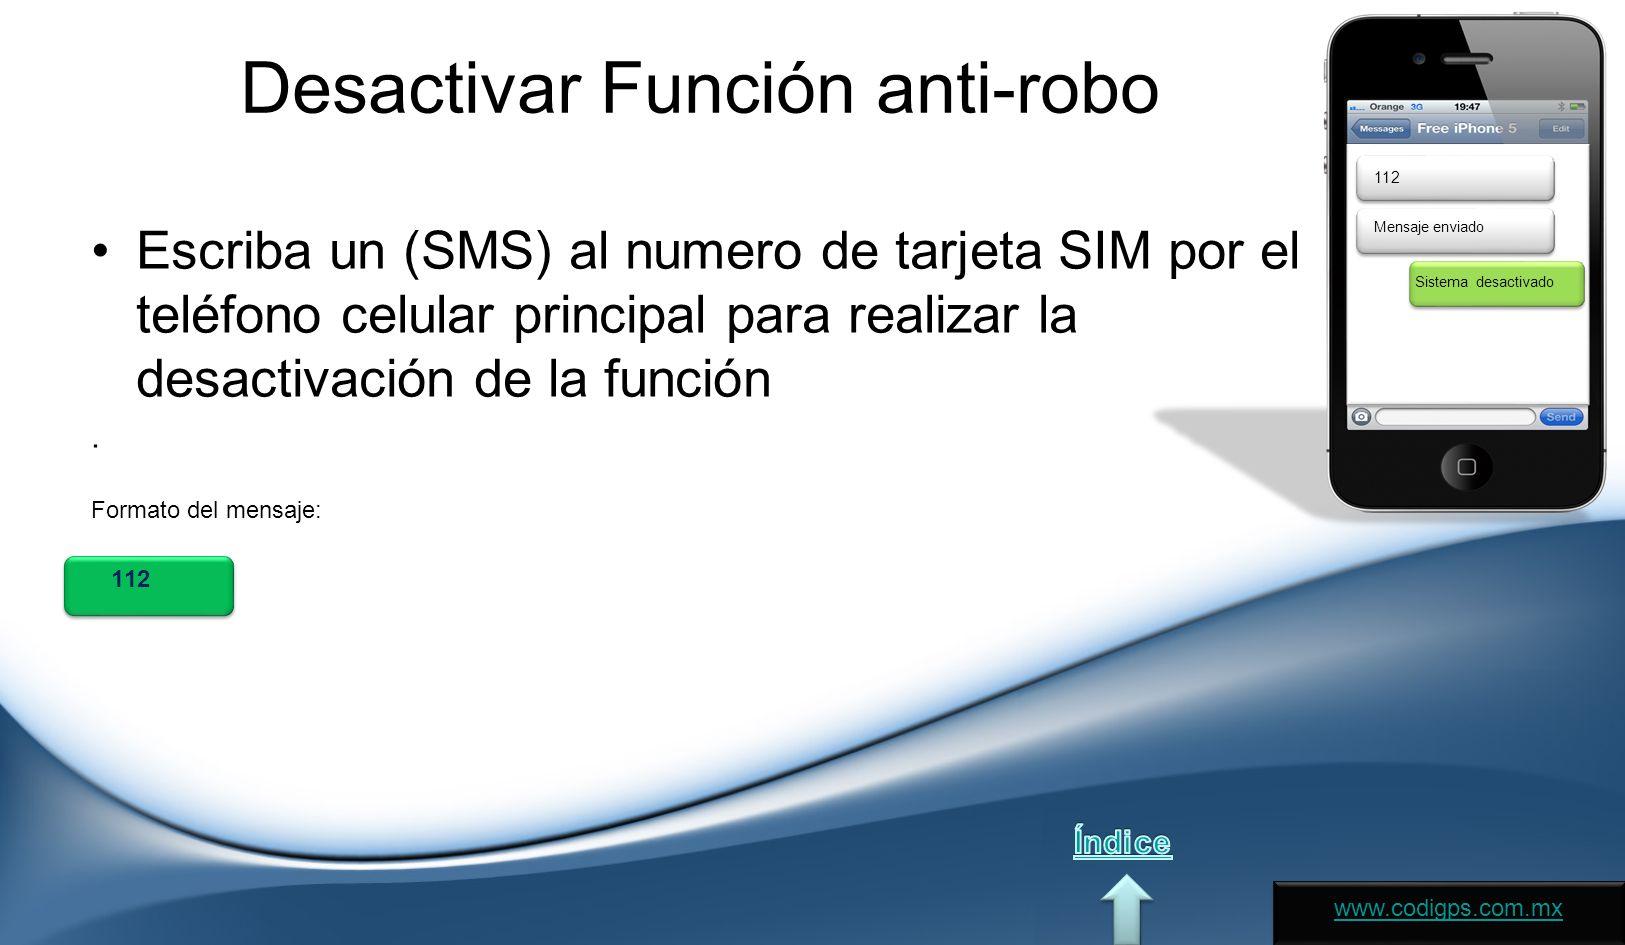 Desactivar Función anti-robo Escriba un (SMS) al numero de tarjeta SIM por el teléfono celular principal para realizar la desactivación de la función.